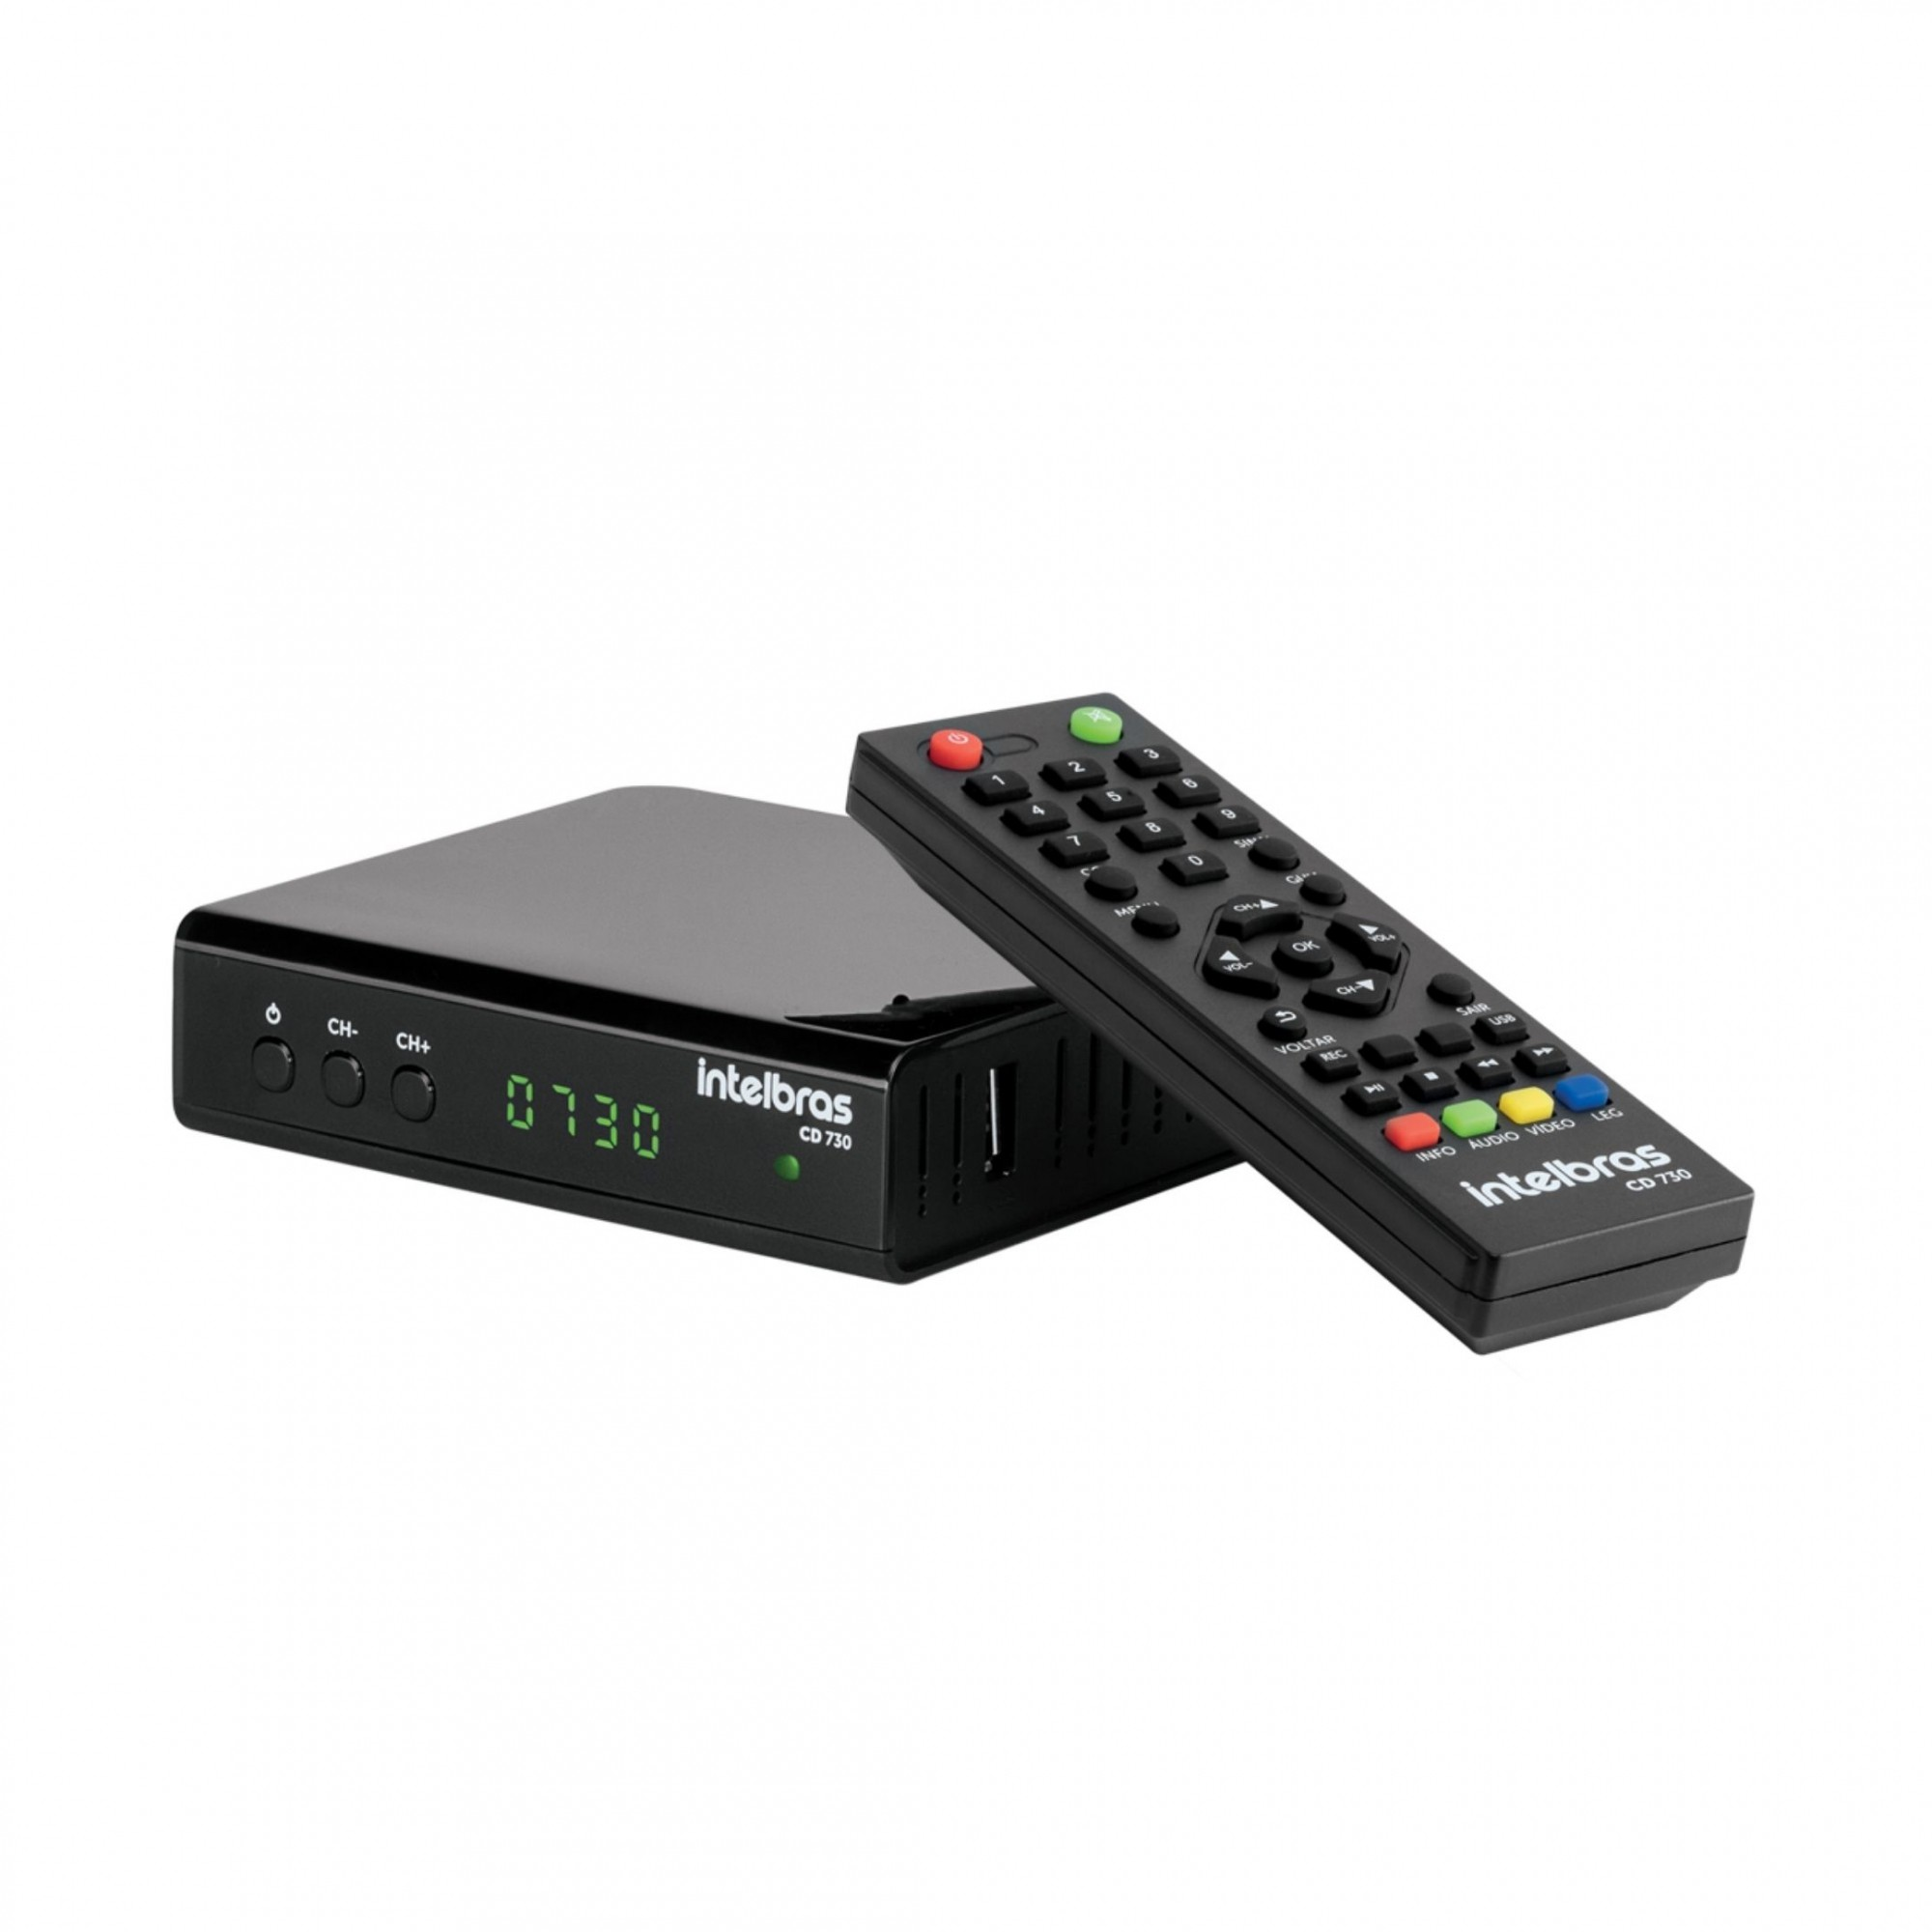 Conversor e Gravador Digital Para Tv CD 730 Intelbras